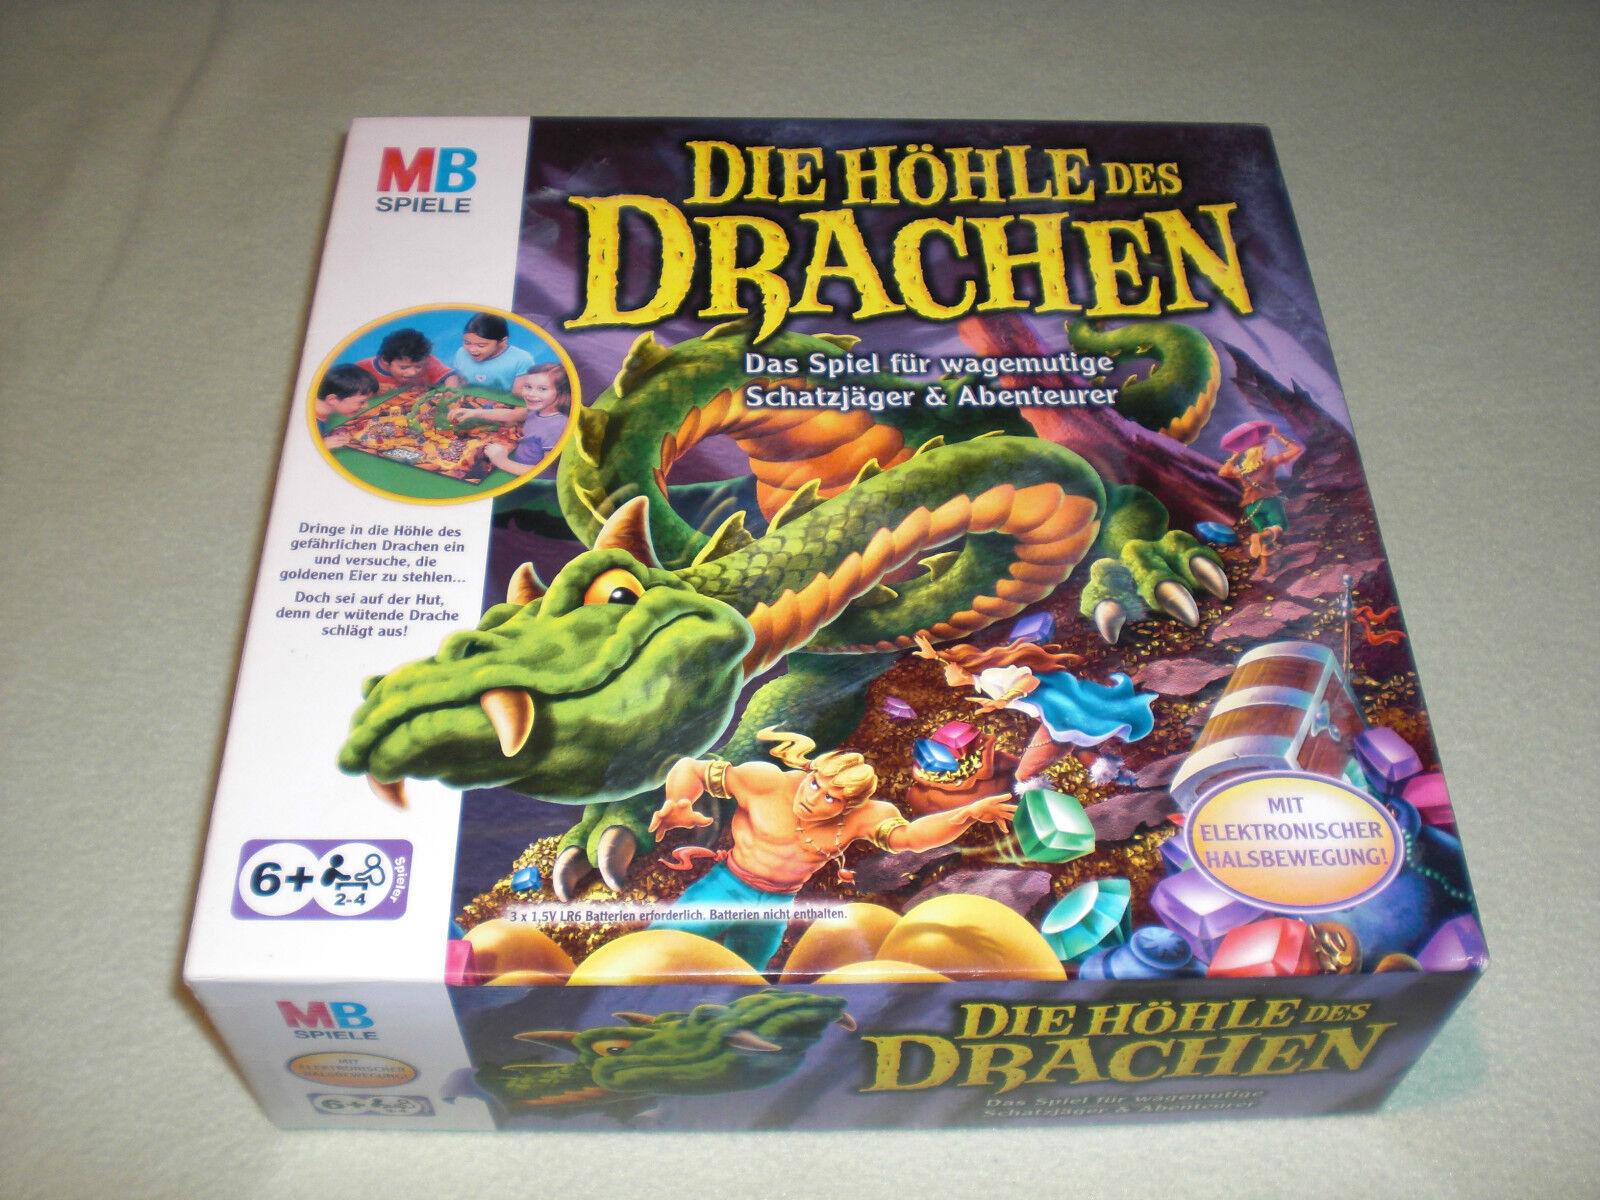 MB Spiele 2003 - Die Höhle des Drachen - mit Elektronik - rar  | Trendy